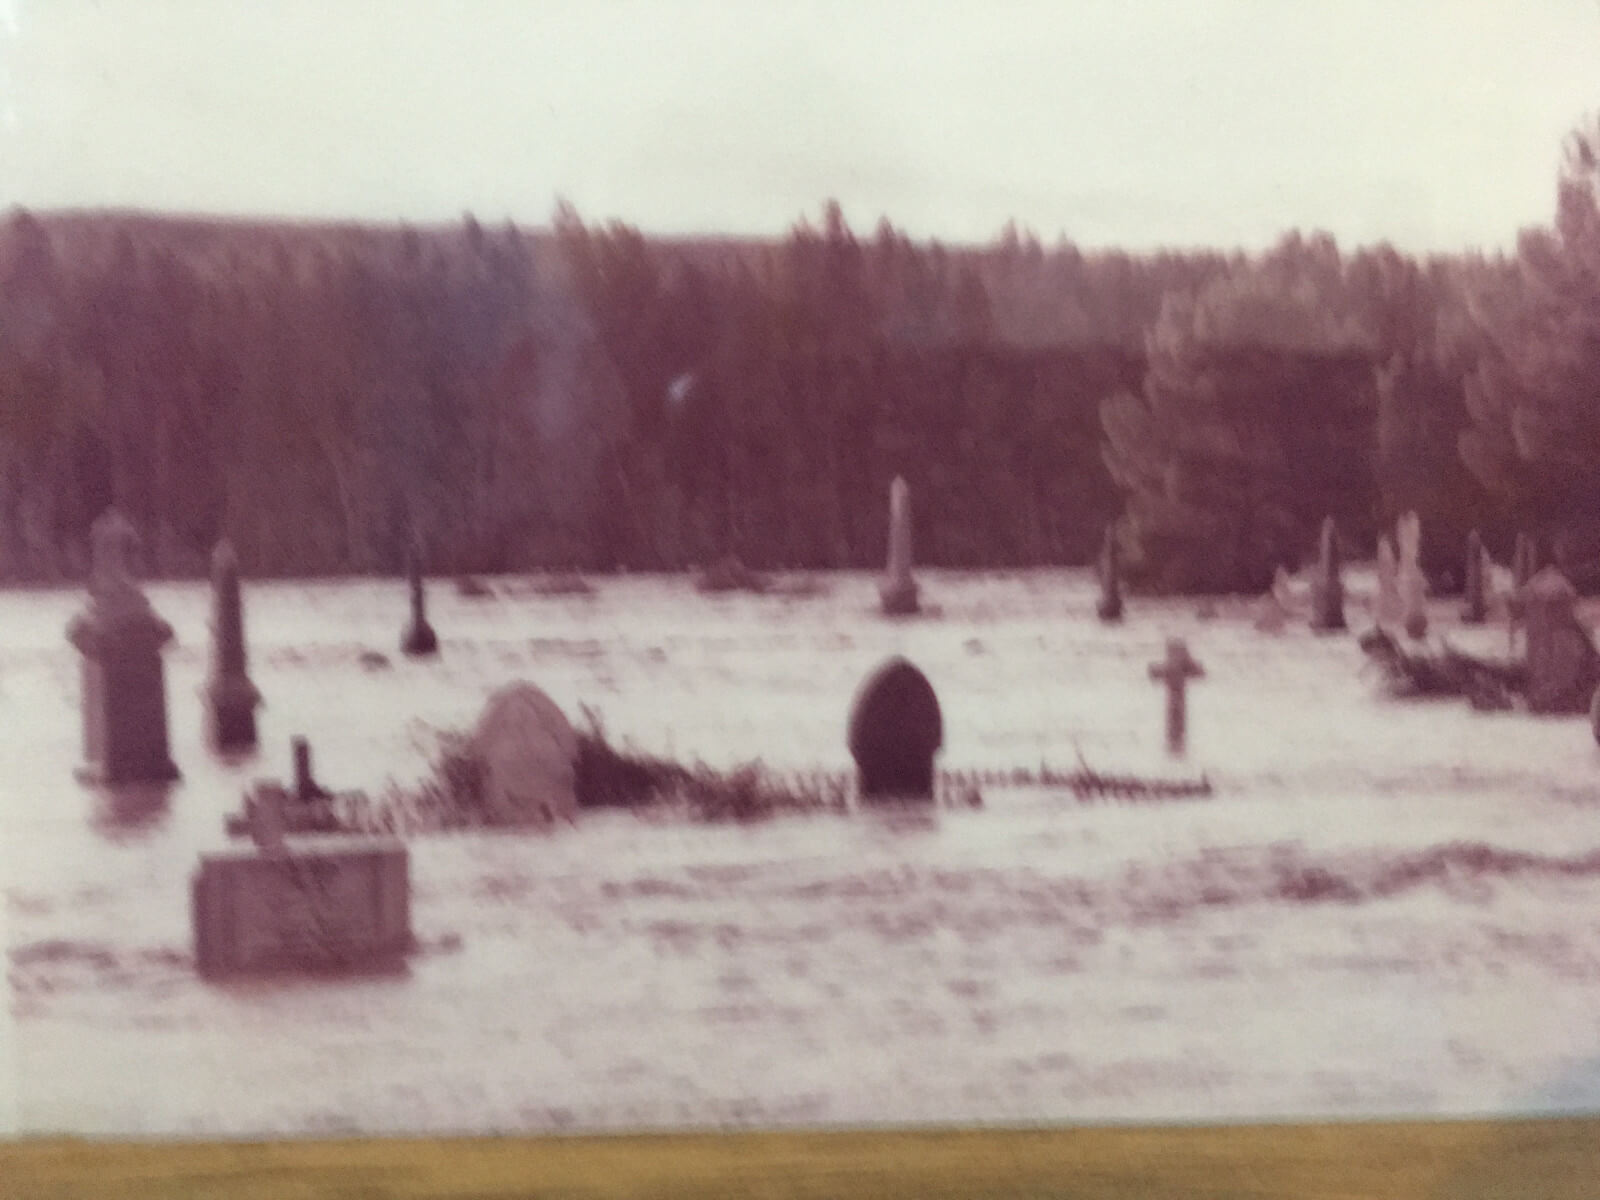 The 1974 flood